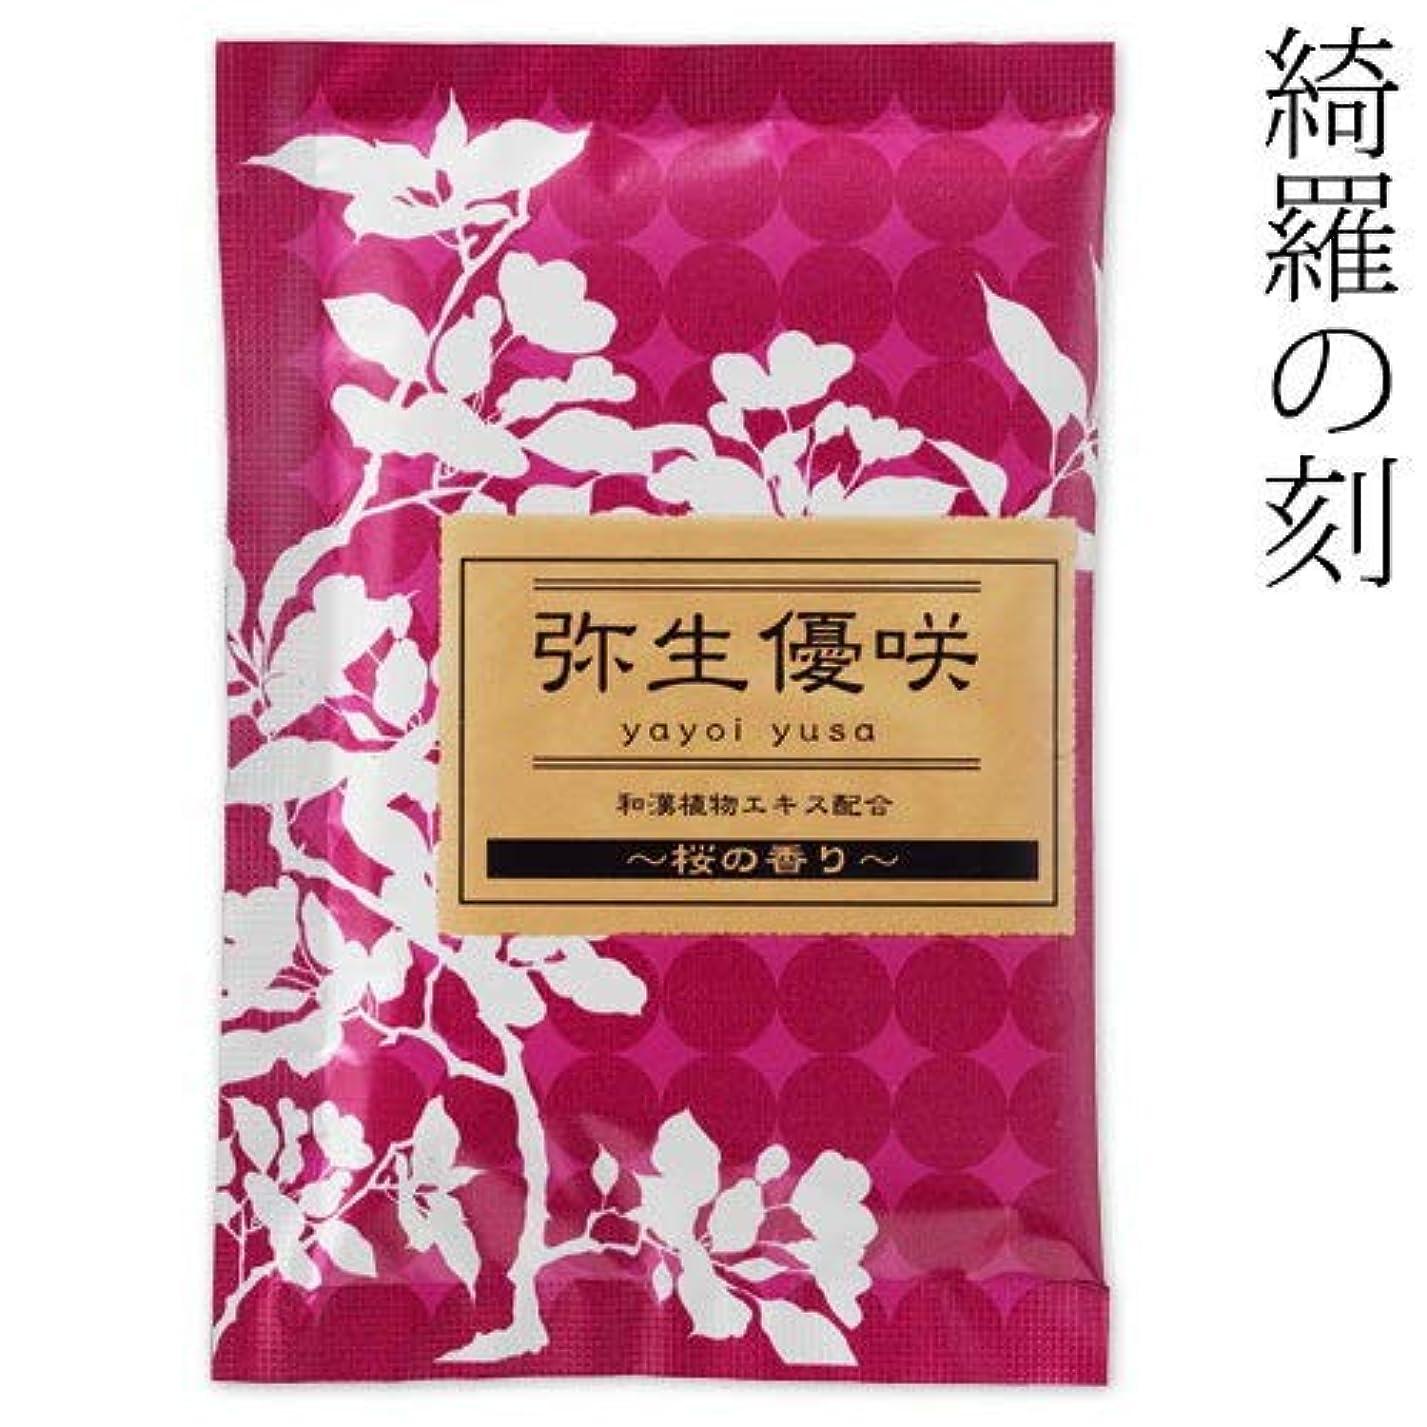 チャペルフィドルカナダ入浴剤綺羅の刻桜の香り弥生優咲1包石川県のお風呂グッズBath additive, Ishikawa craft